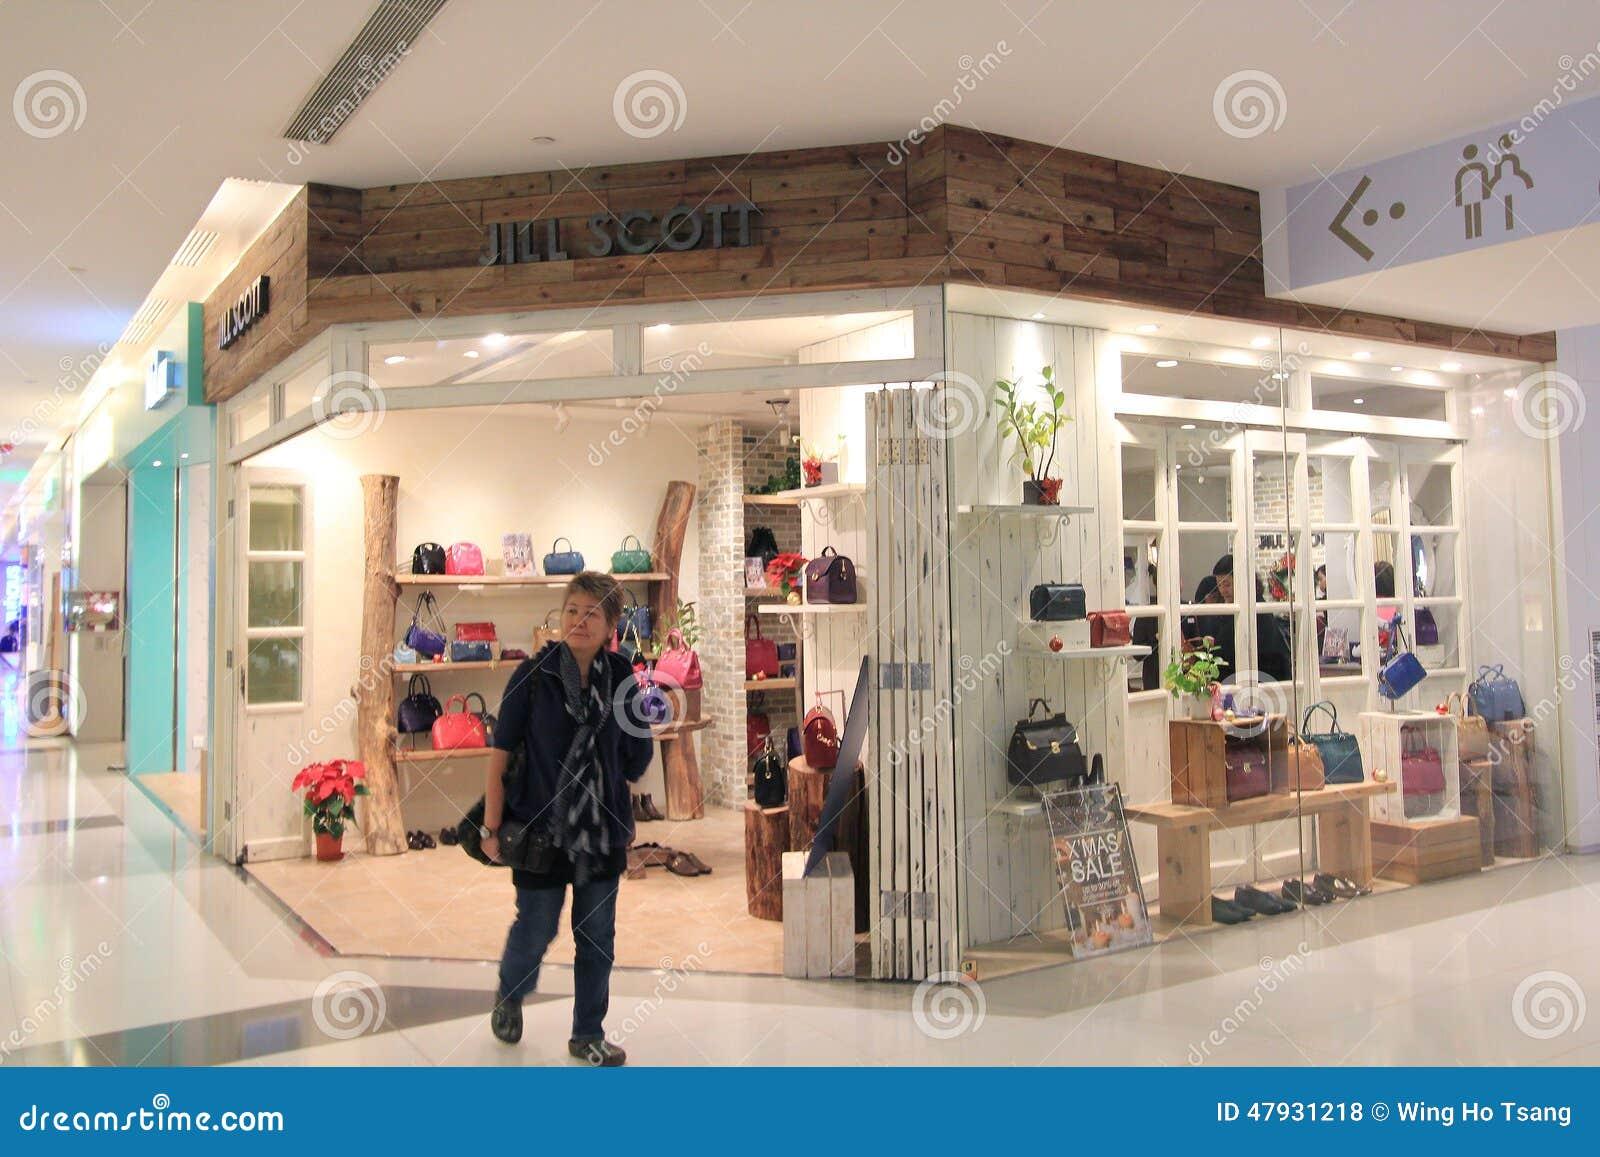 Jill scott shoppar i Hong Kong